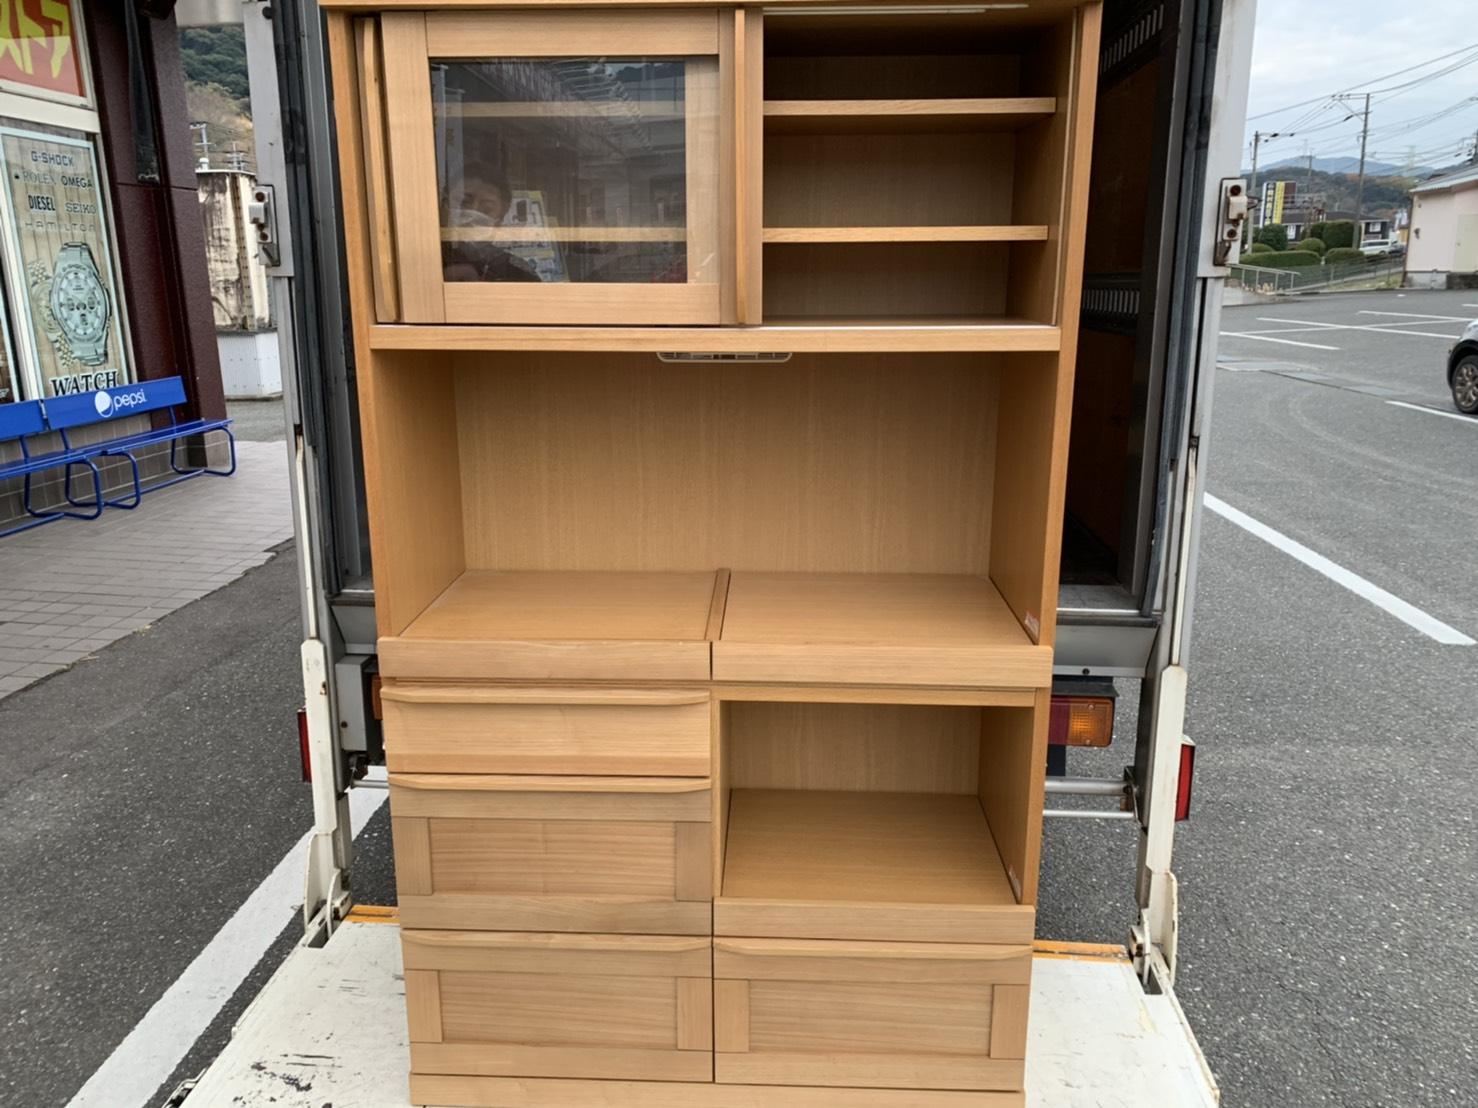 12/11★出張買取にて〈食器棚〉を買取させていただきました! #出張買取 #マンガ倉庫 #武雄店 #白物 #家電#買取 #家具 #重い★